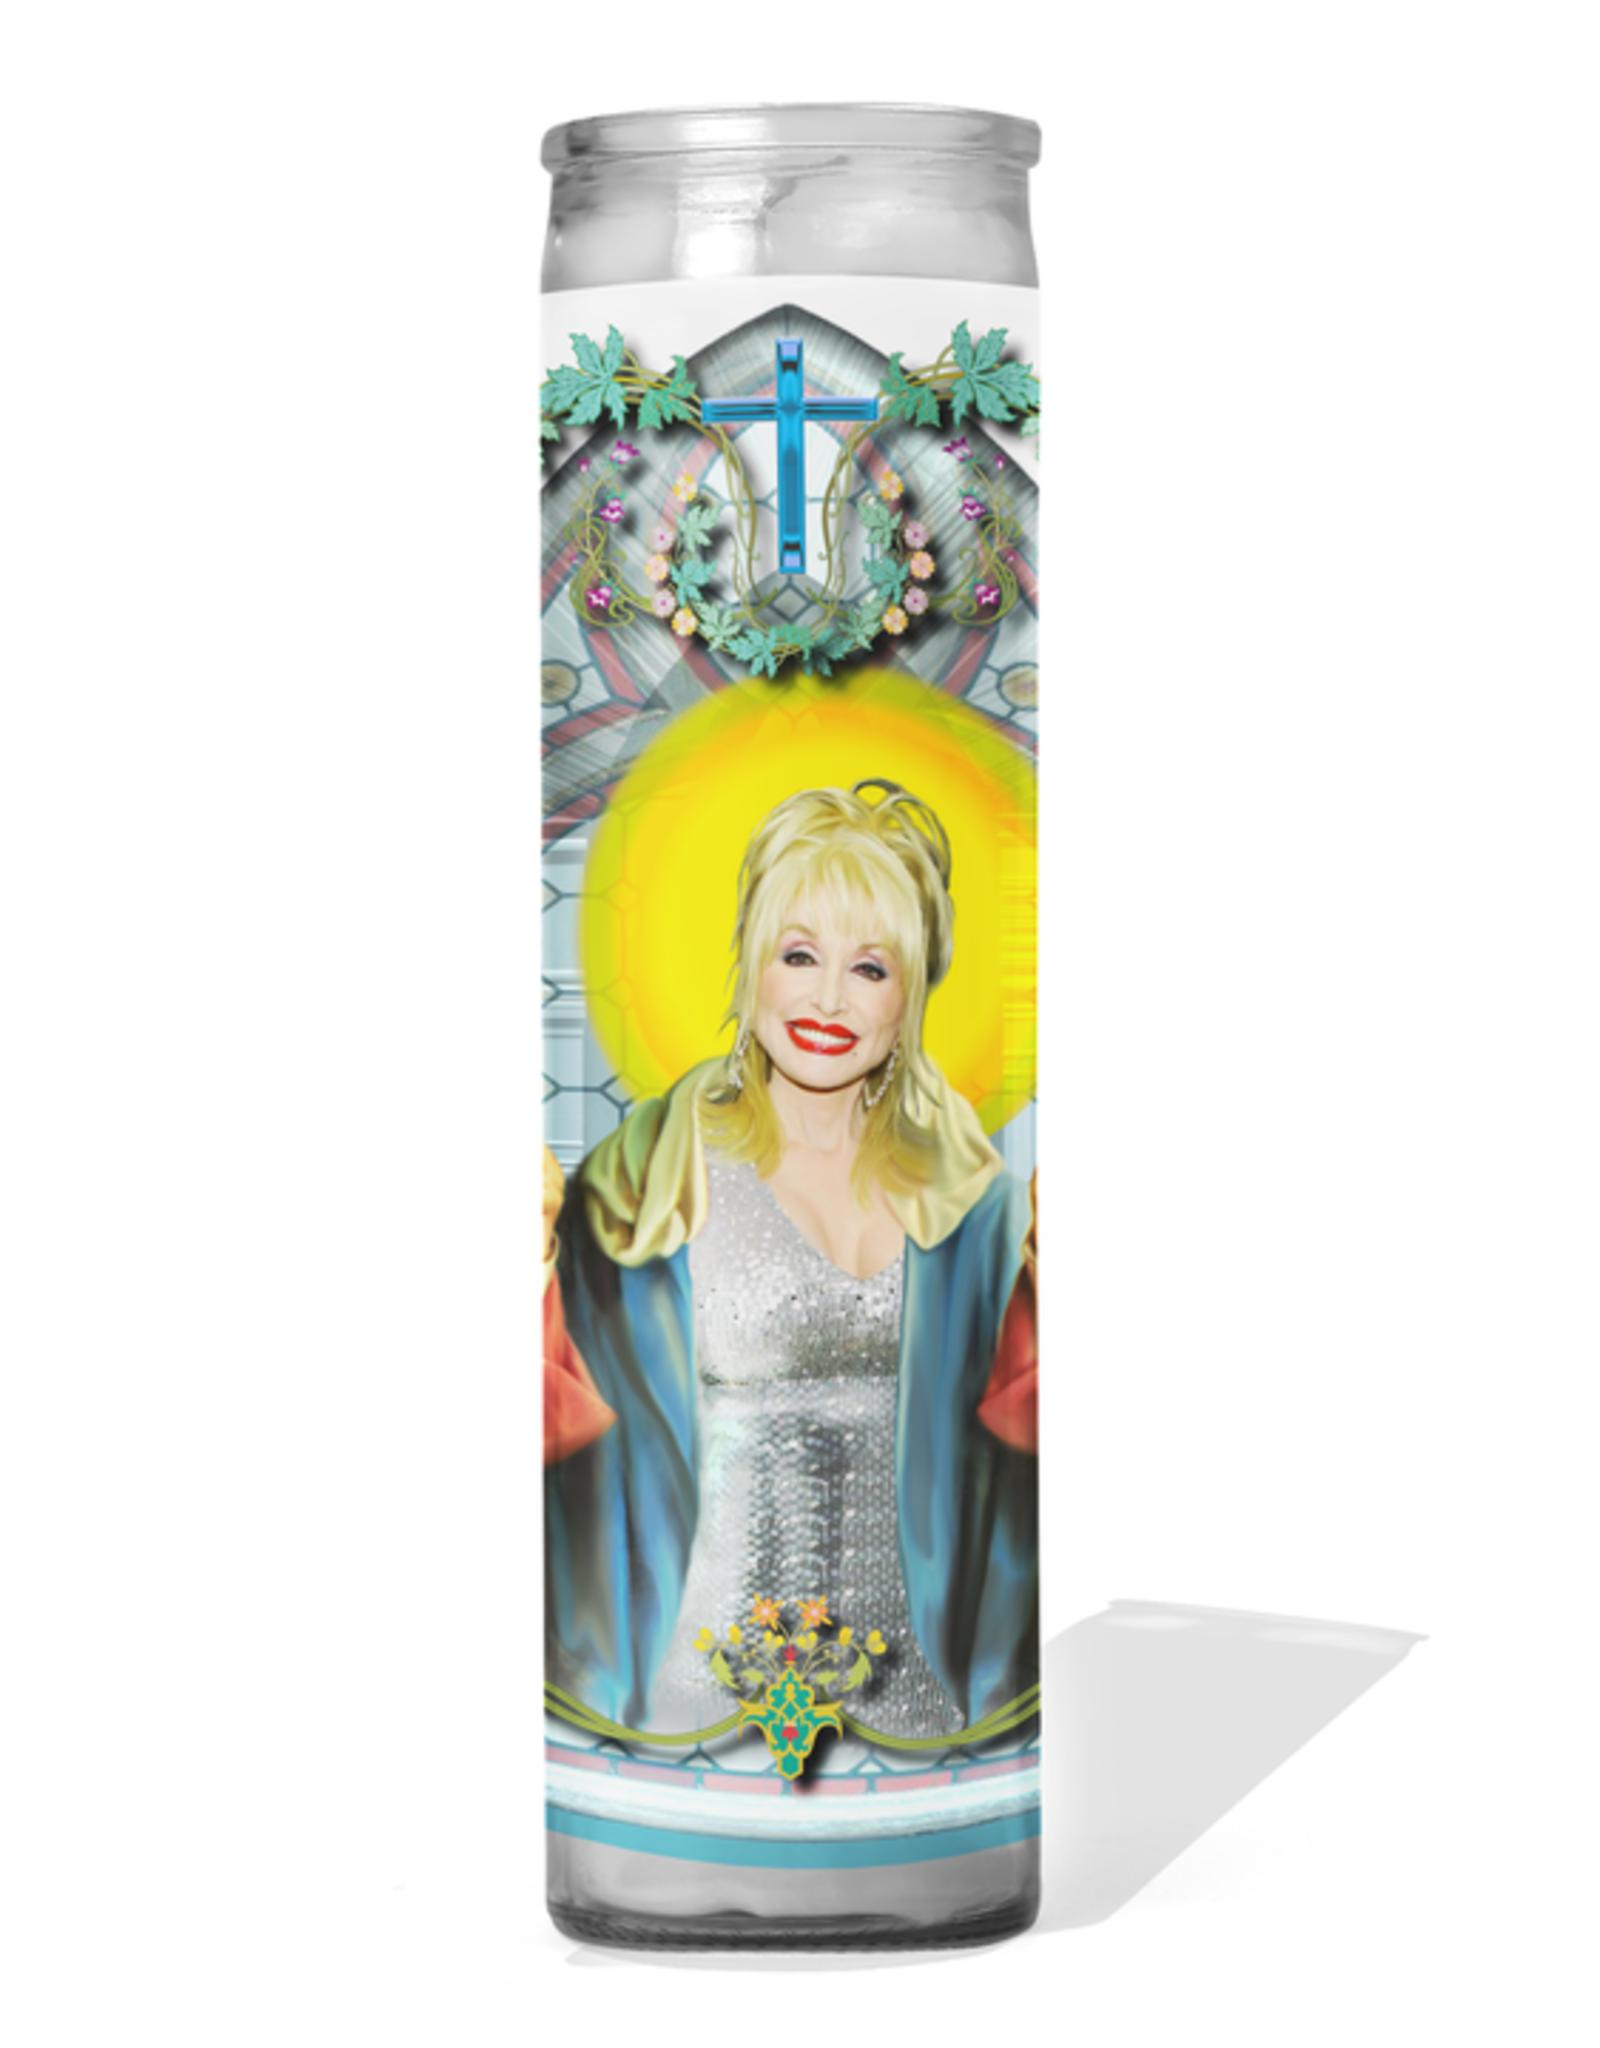 Calm Down Caren Dolly Parton Celebrity Prayer